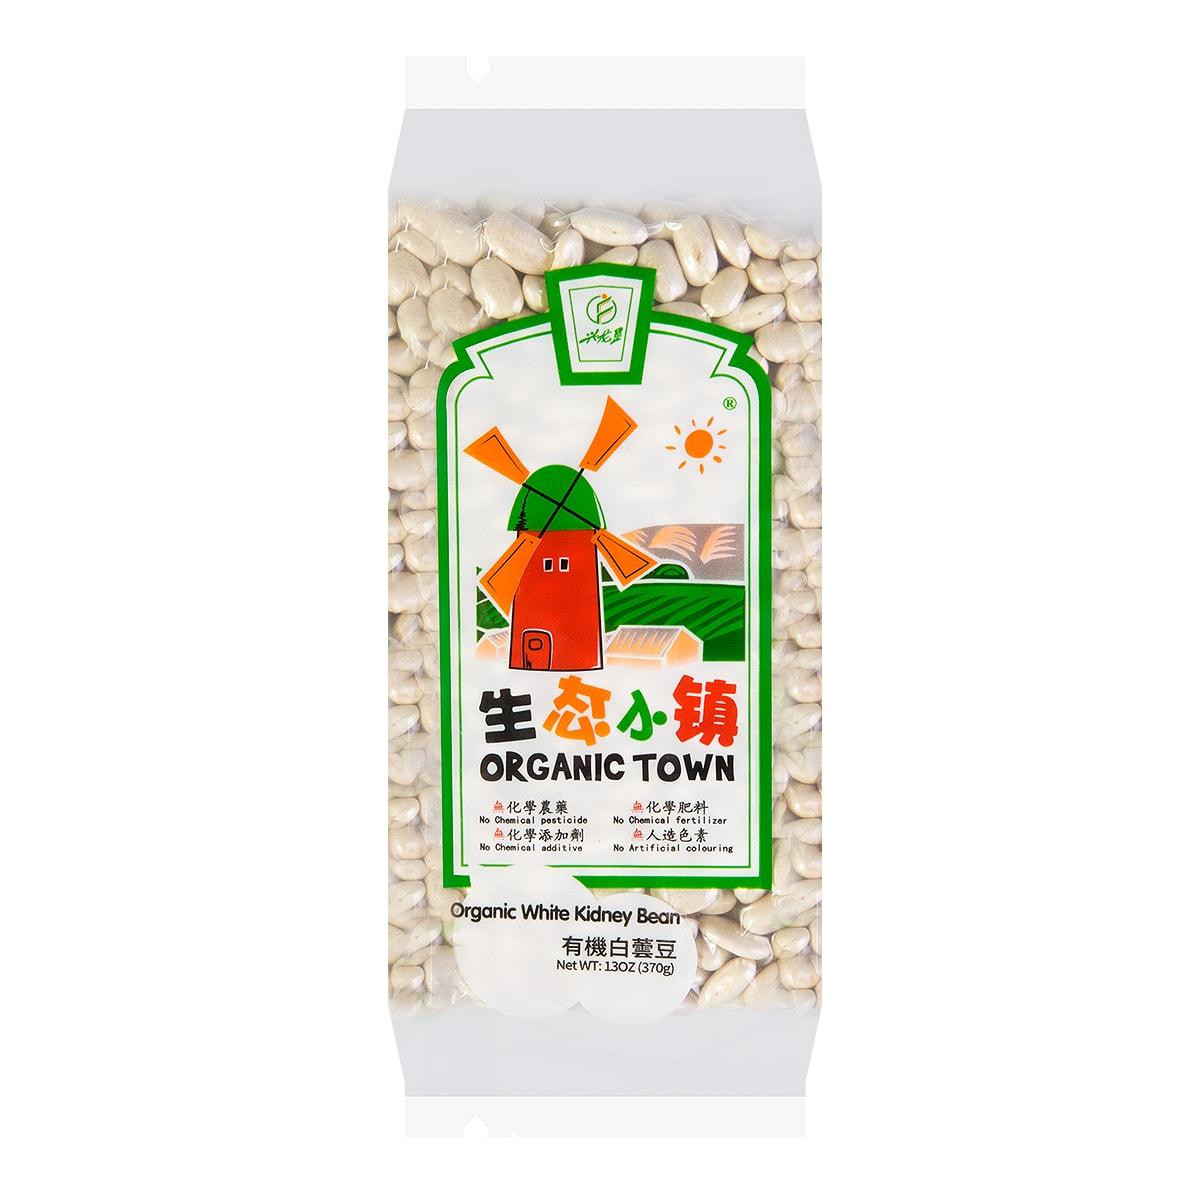 兴龙垦  生态小镇  有机白芸豆 370g  USDA认证